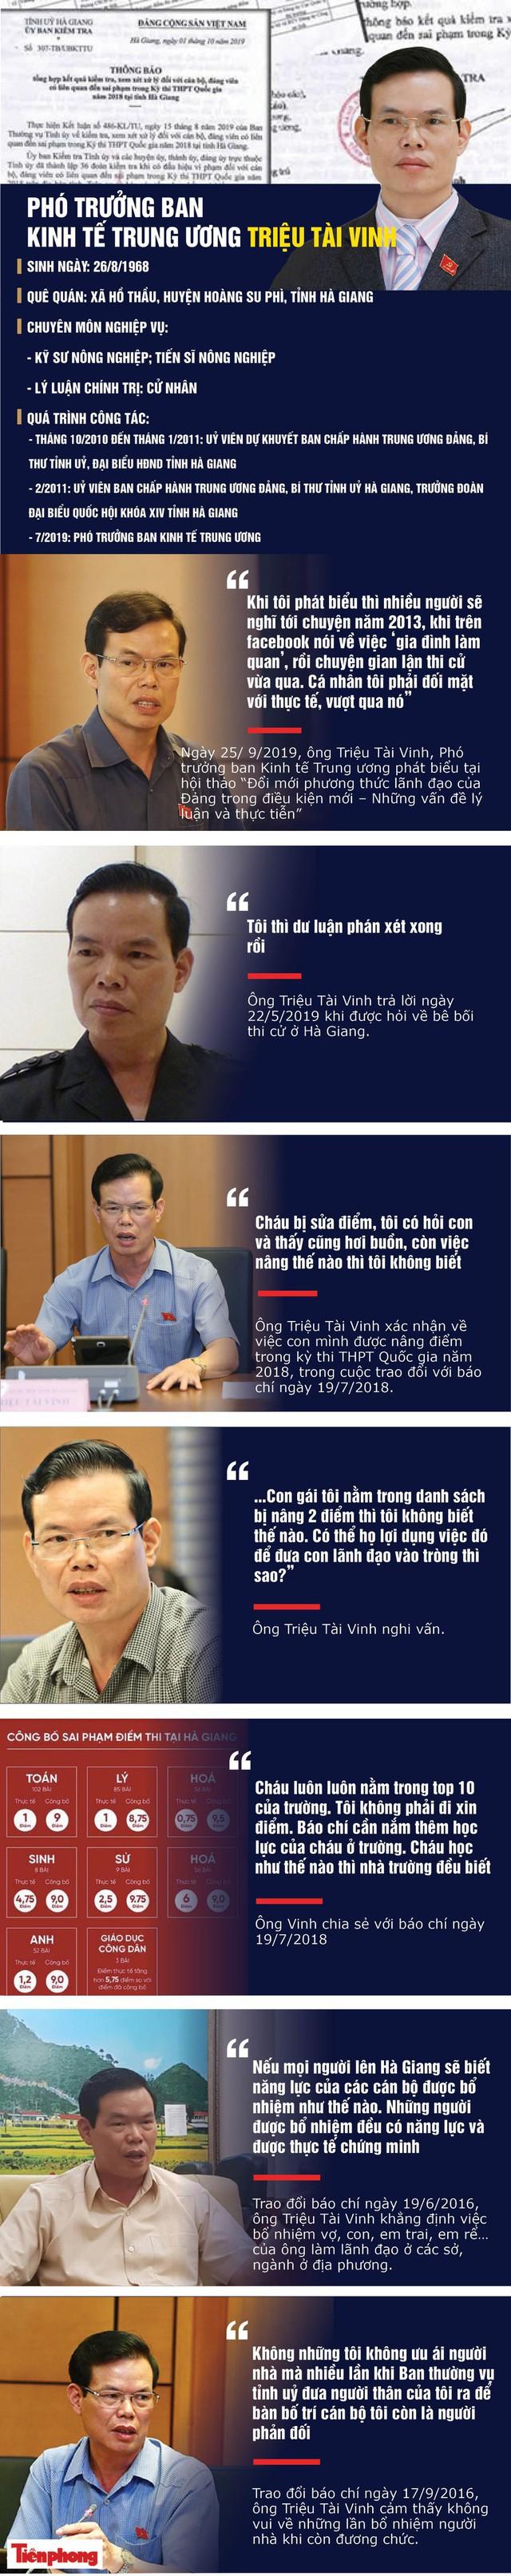 Những phát ngôn dậy sóng của nguyên Bí thư Tỉnh ủy Hà Giang Triệu Tài Vinh - Ảnh 1.